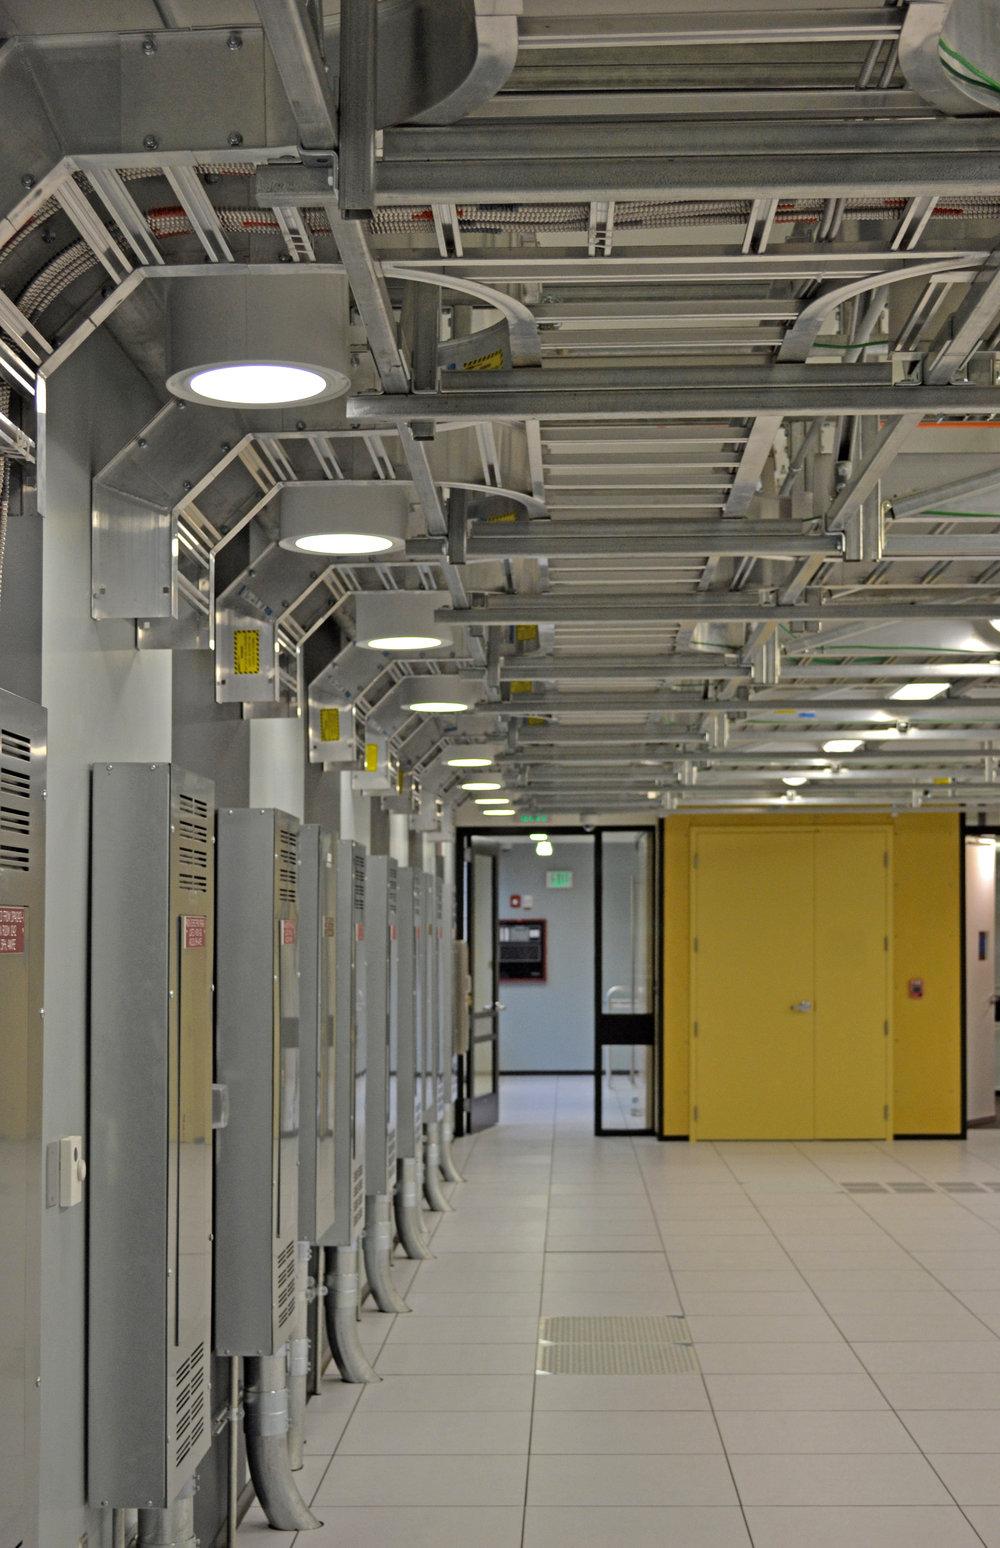 North Hall Data Center - University of California at Santa Barbara